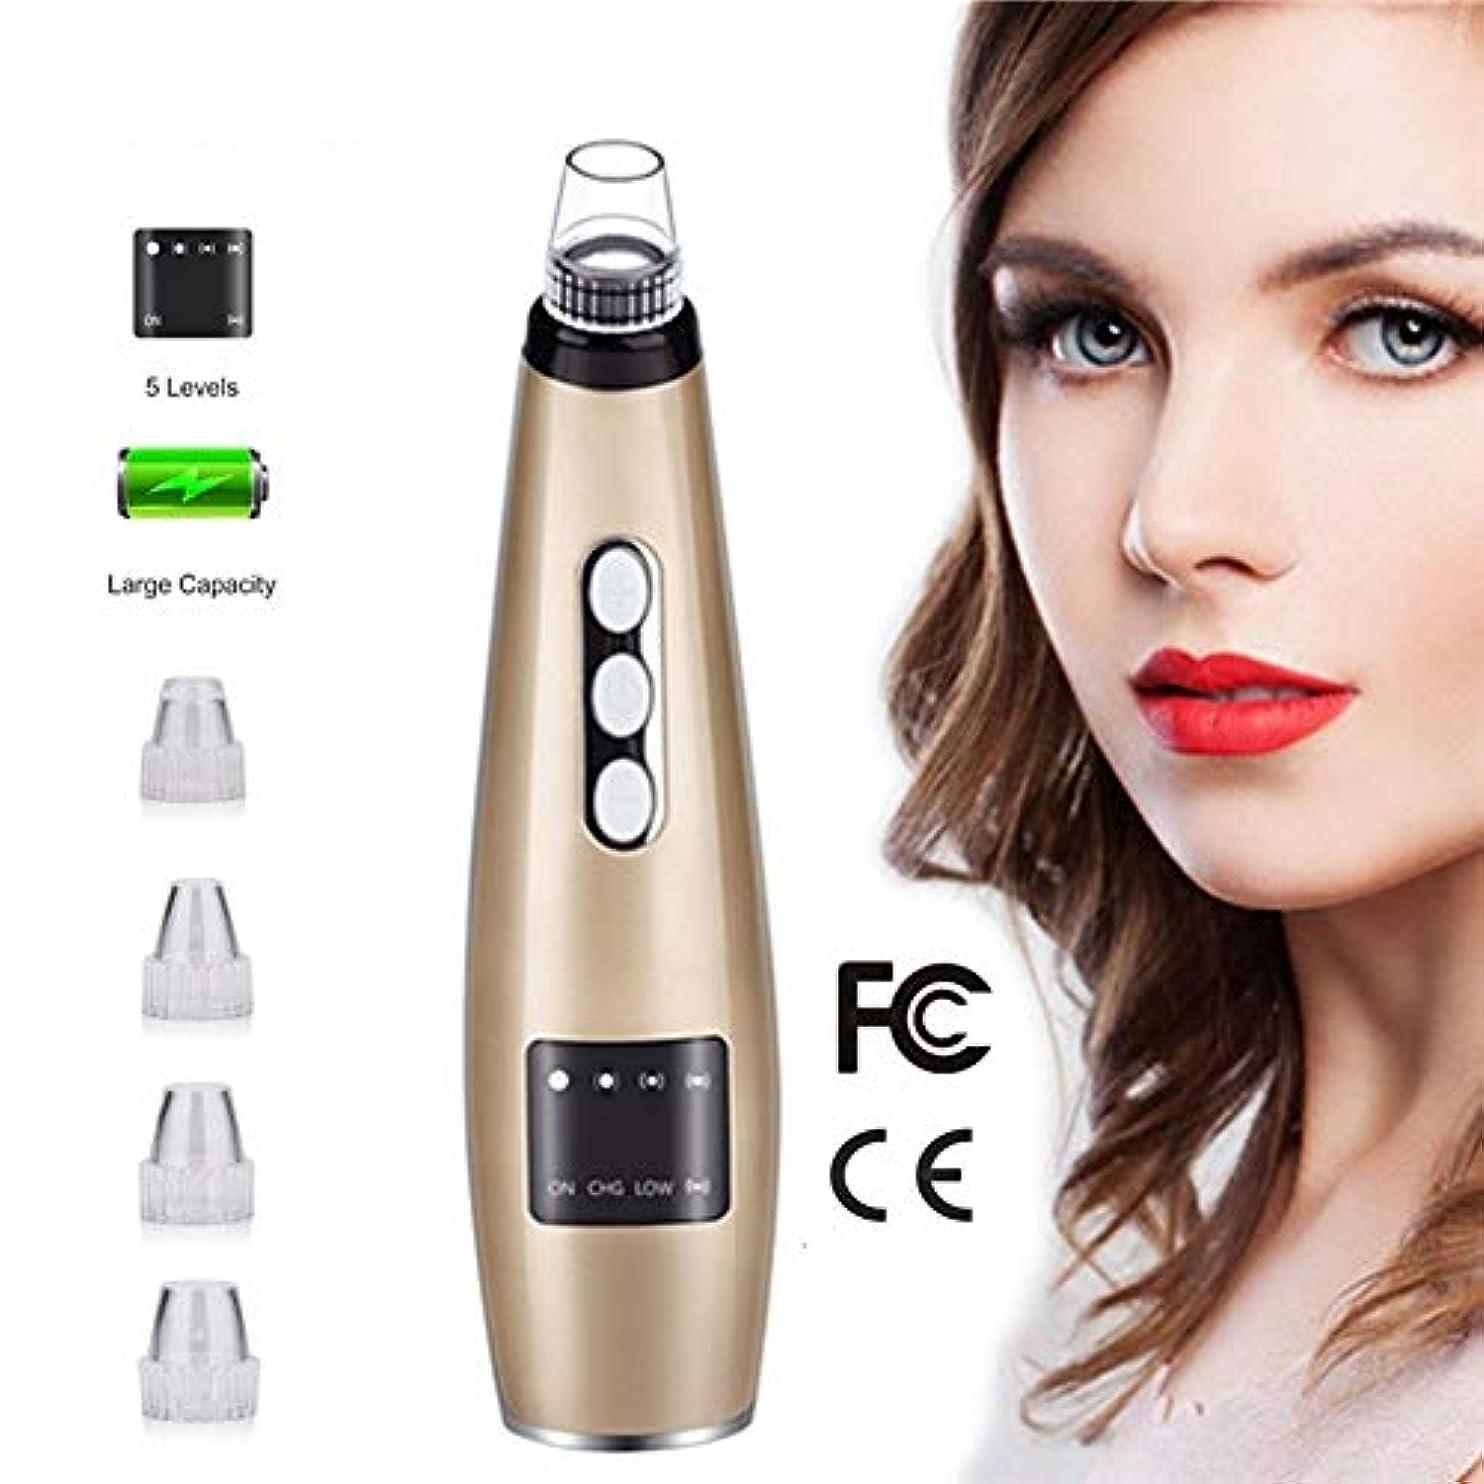 落ち着いて唇先のことを考える5吸引力の真空のにきびの除去剤の気孔の洗剤のアクネの抽出器用具LCDの表示表面剥離機械の美装置 (Color : Brown)